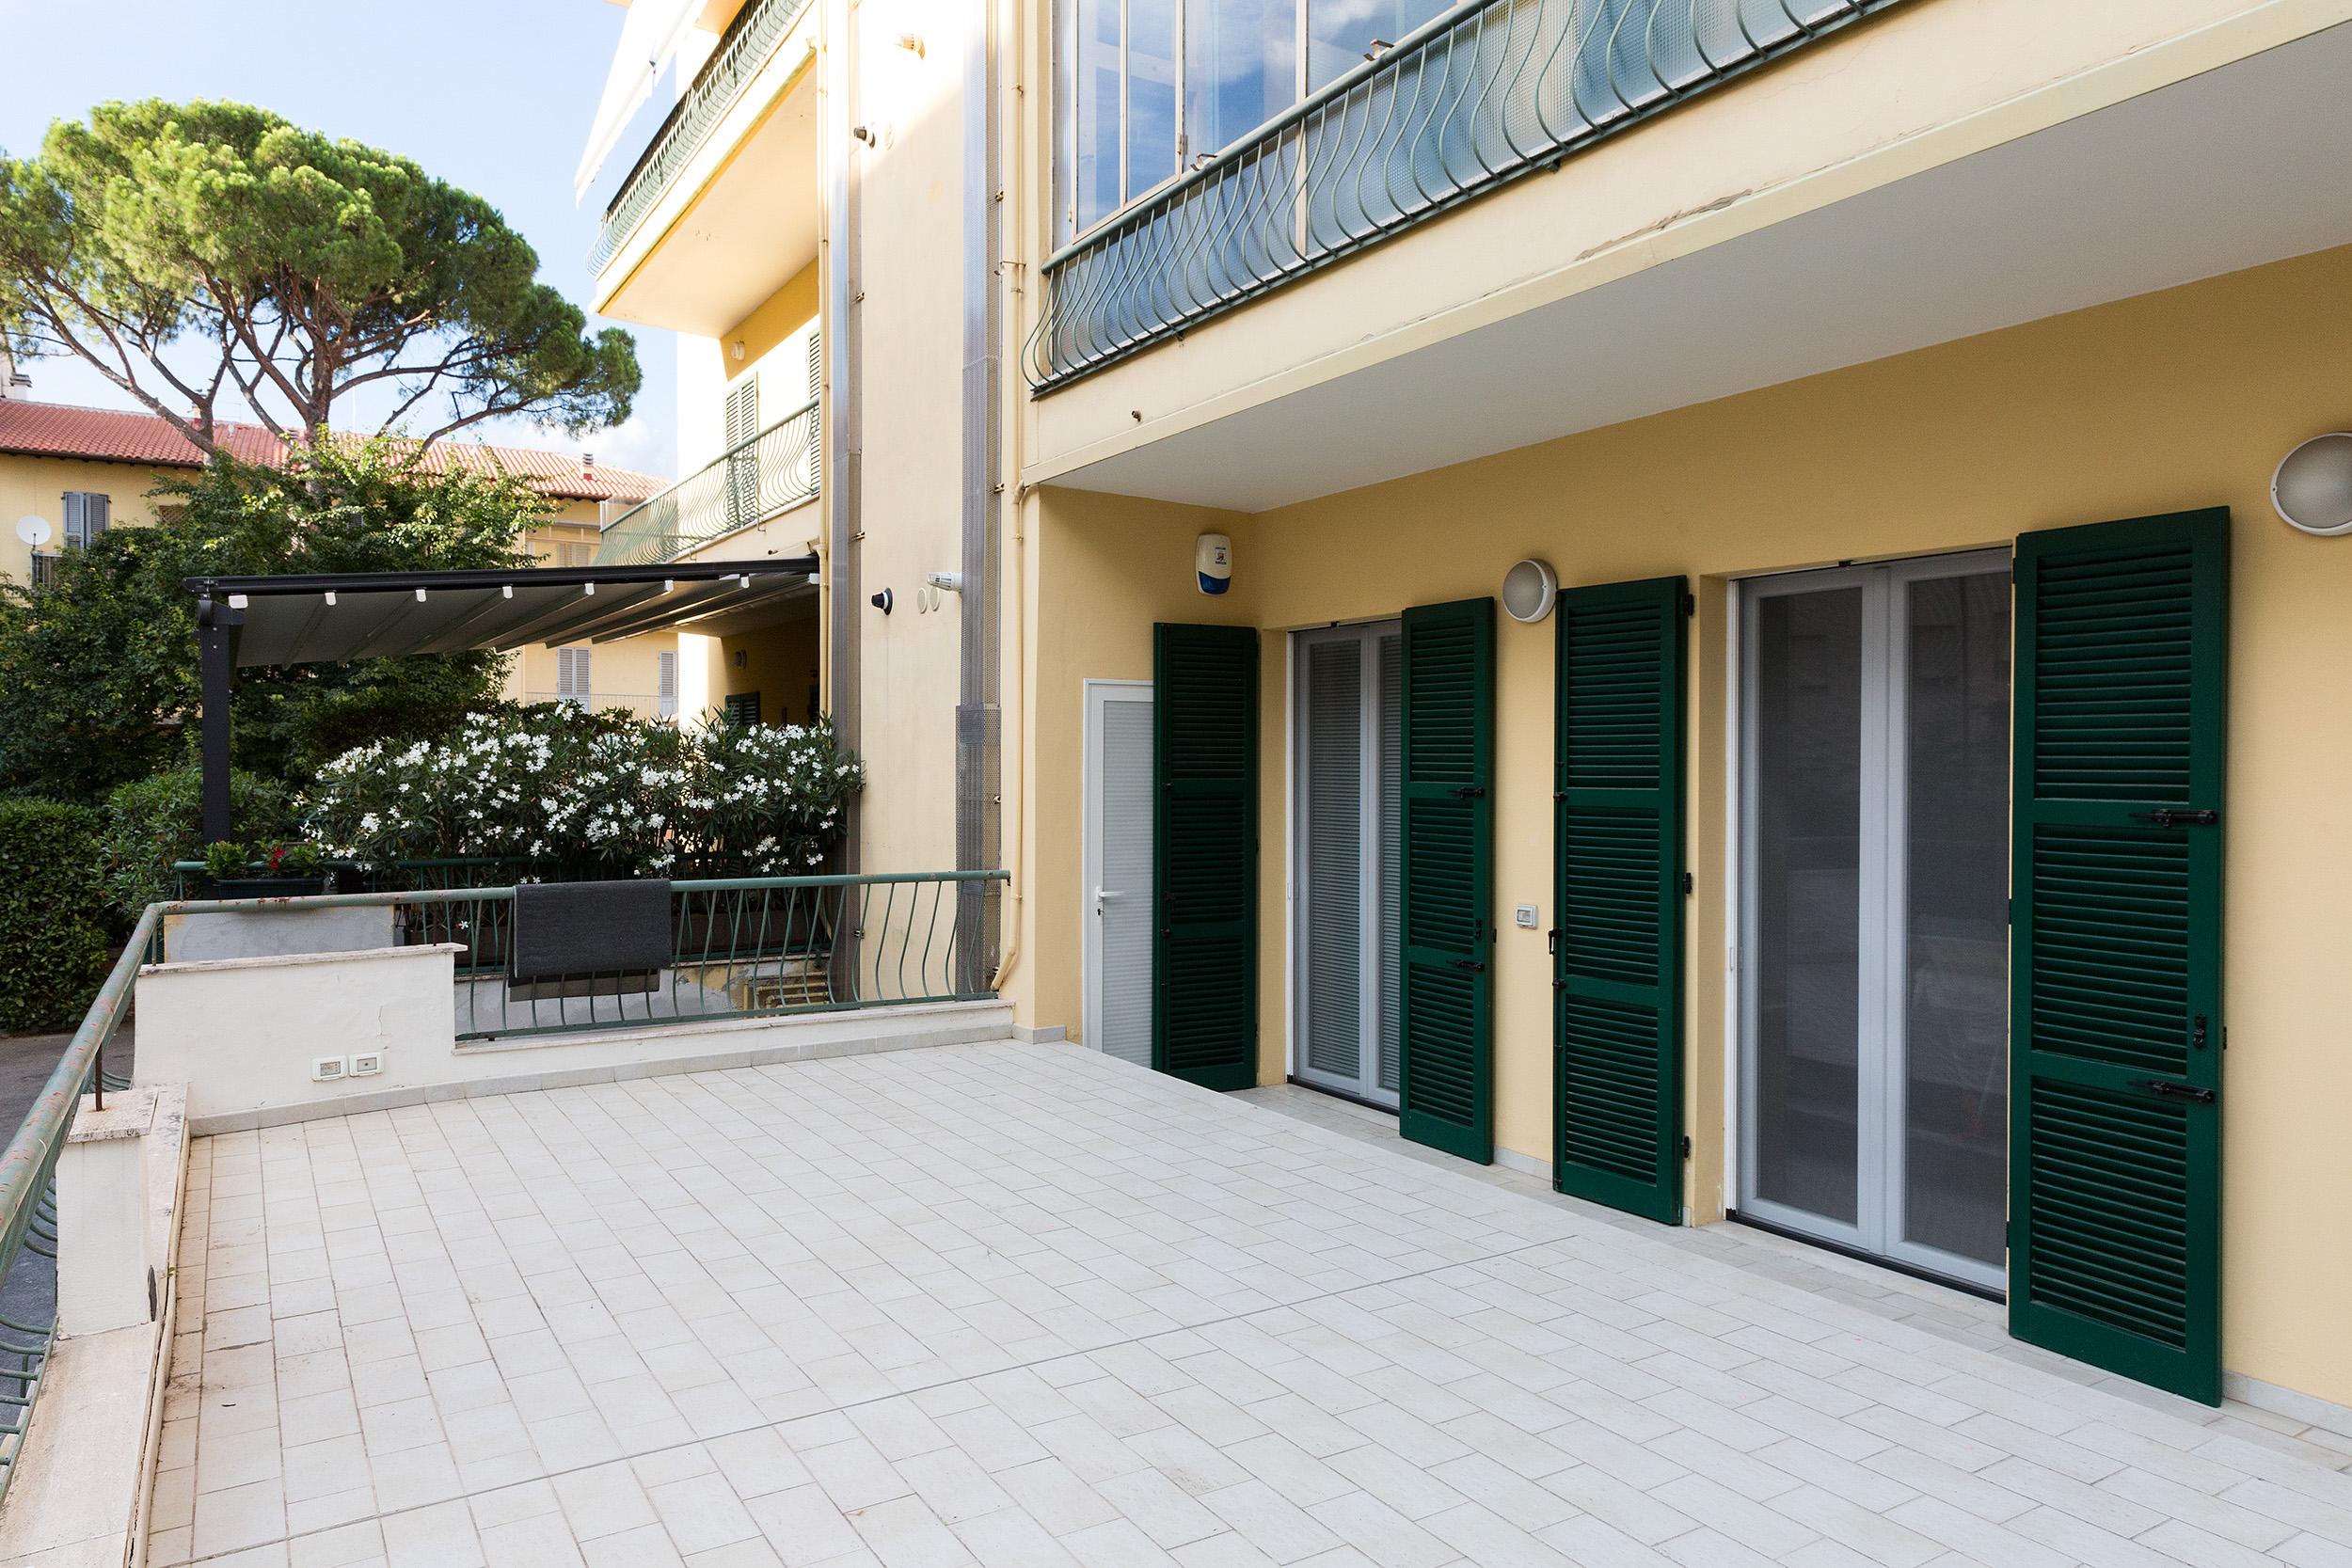 appartamento in vendita ad Arezzo viale Mecenate (38)